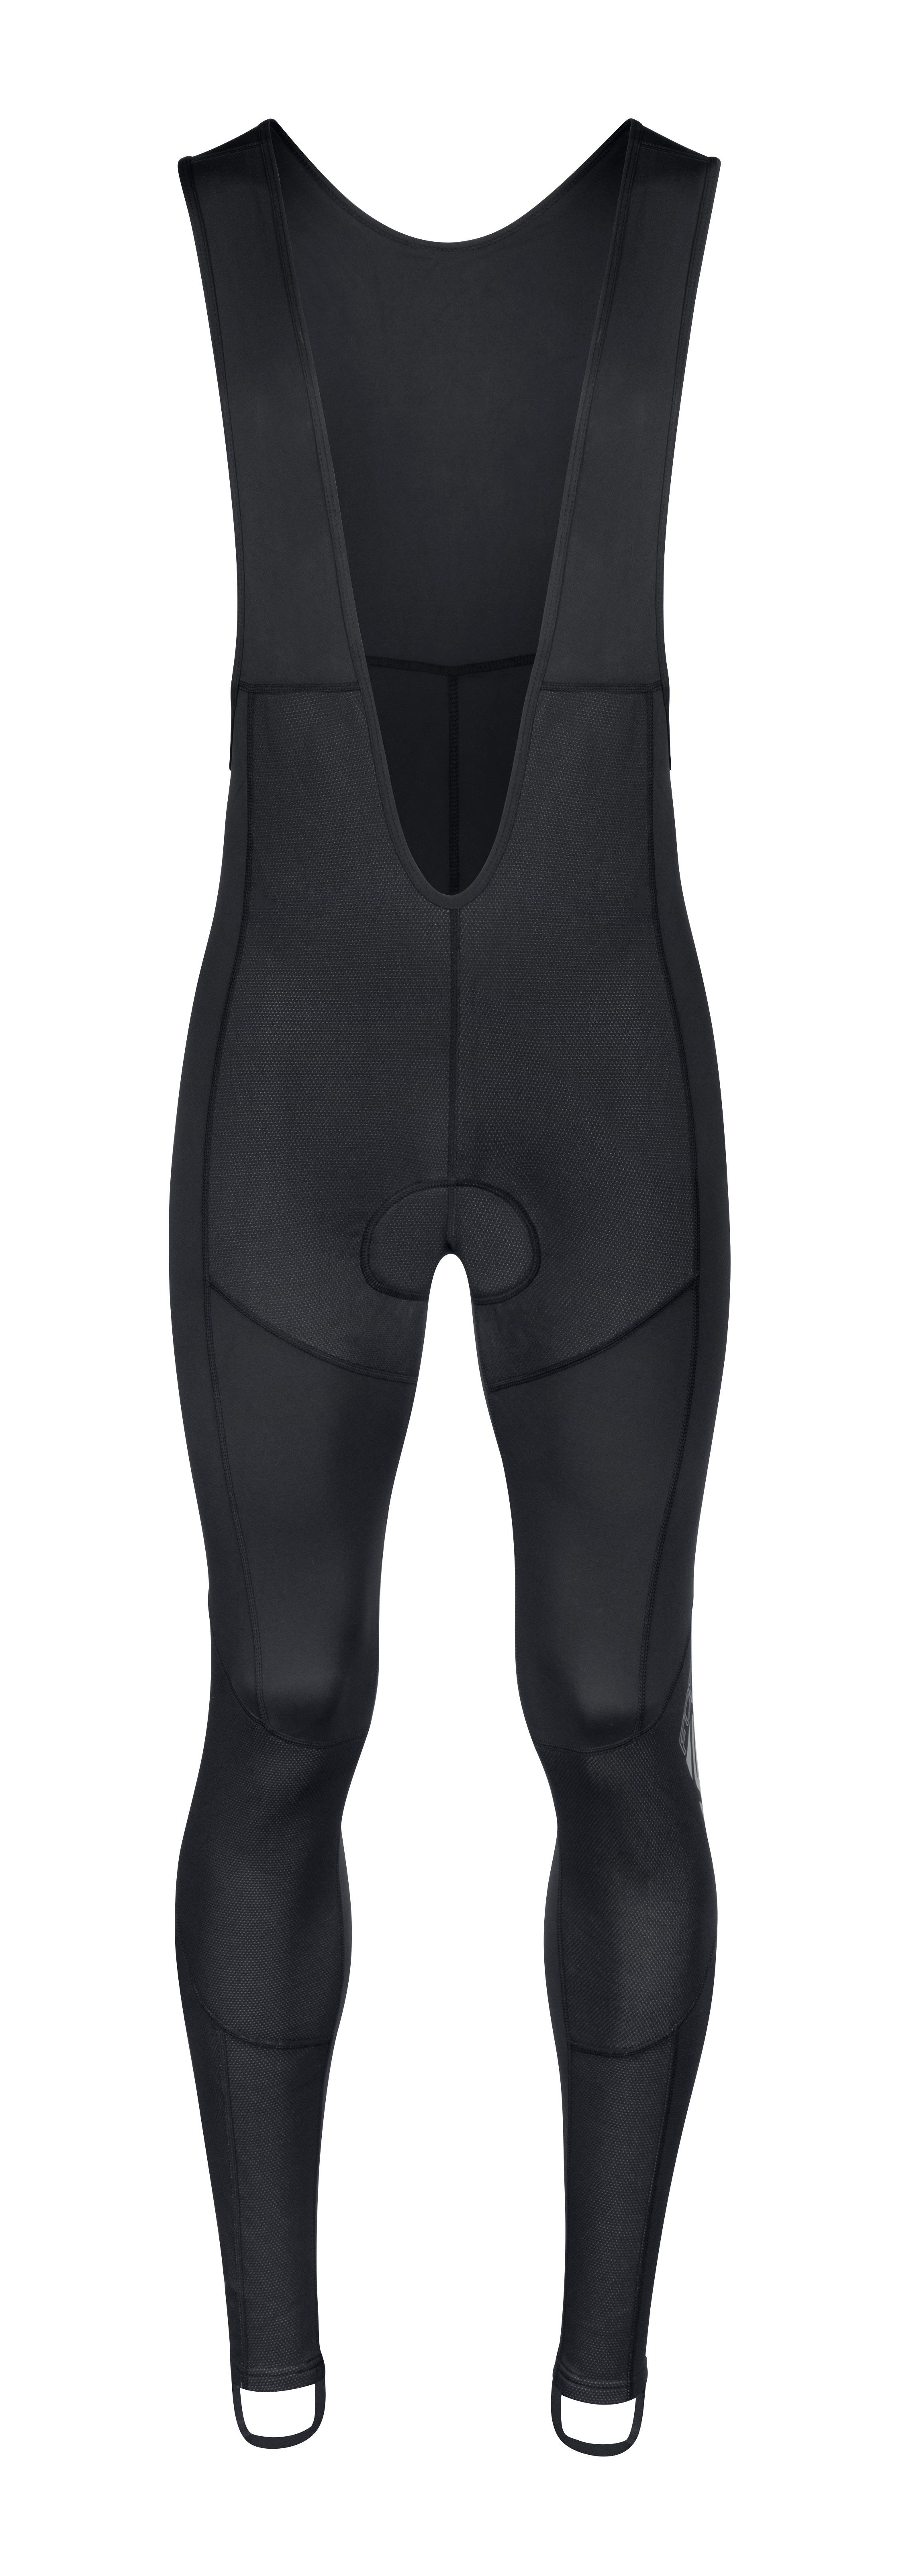 kalhoty F SHARD WINDSTER se šráky a vl, črn XL